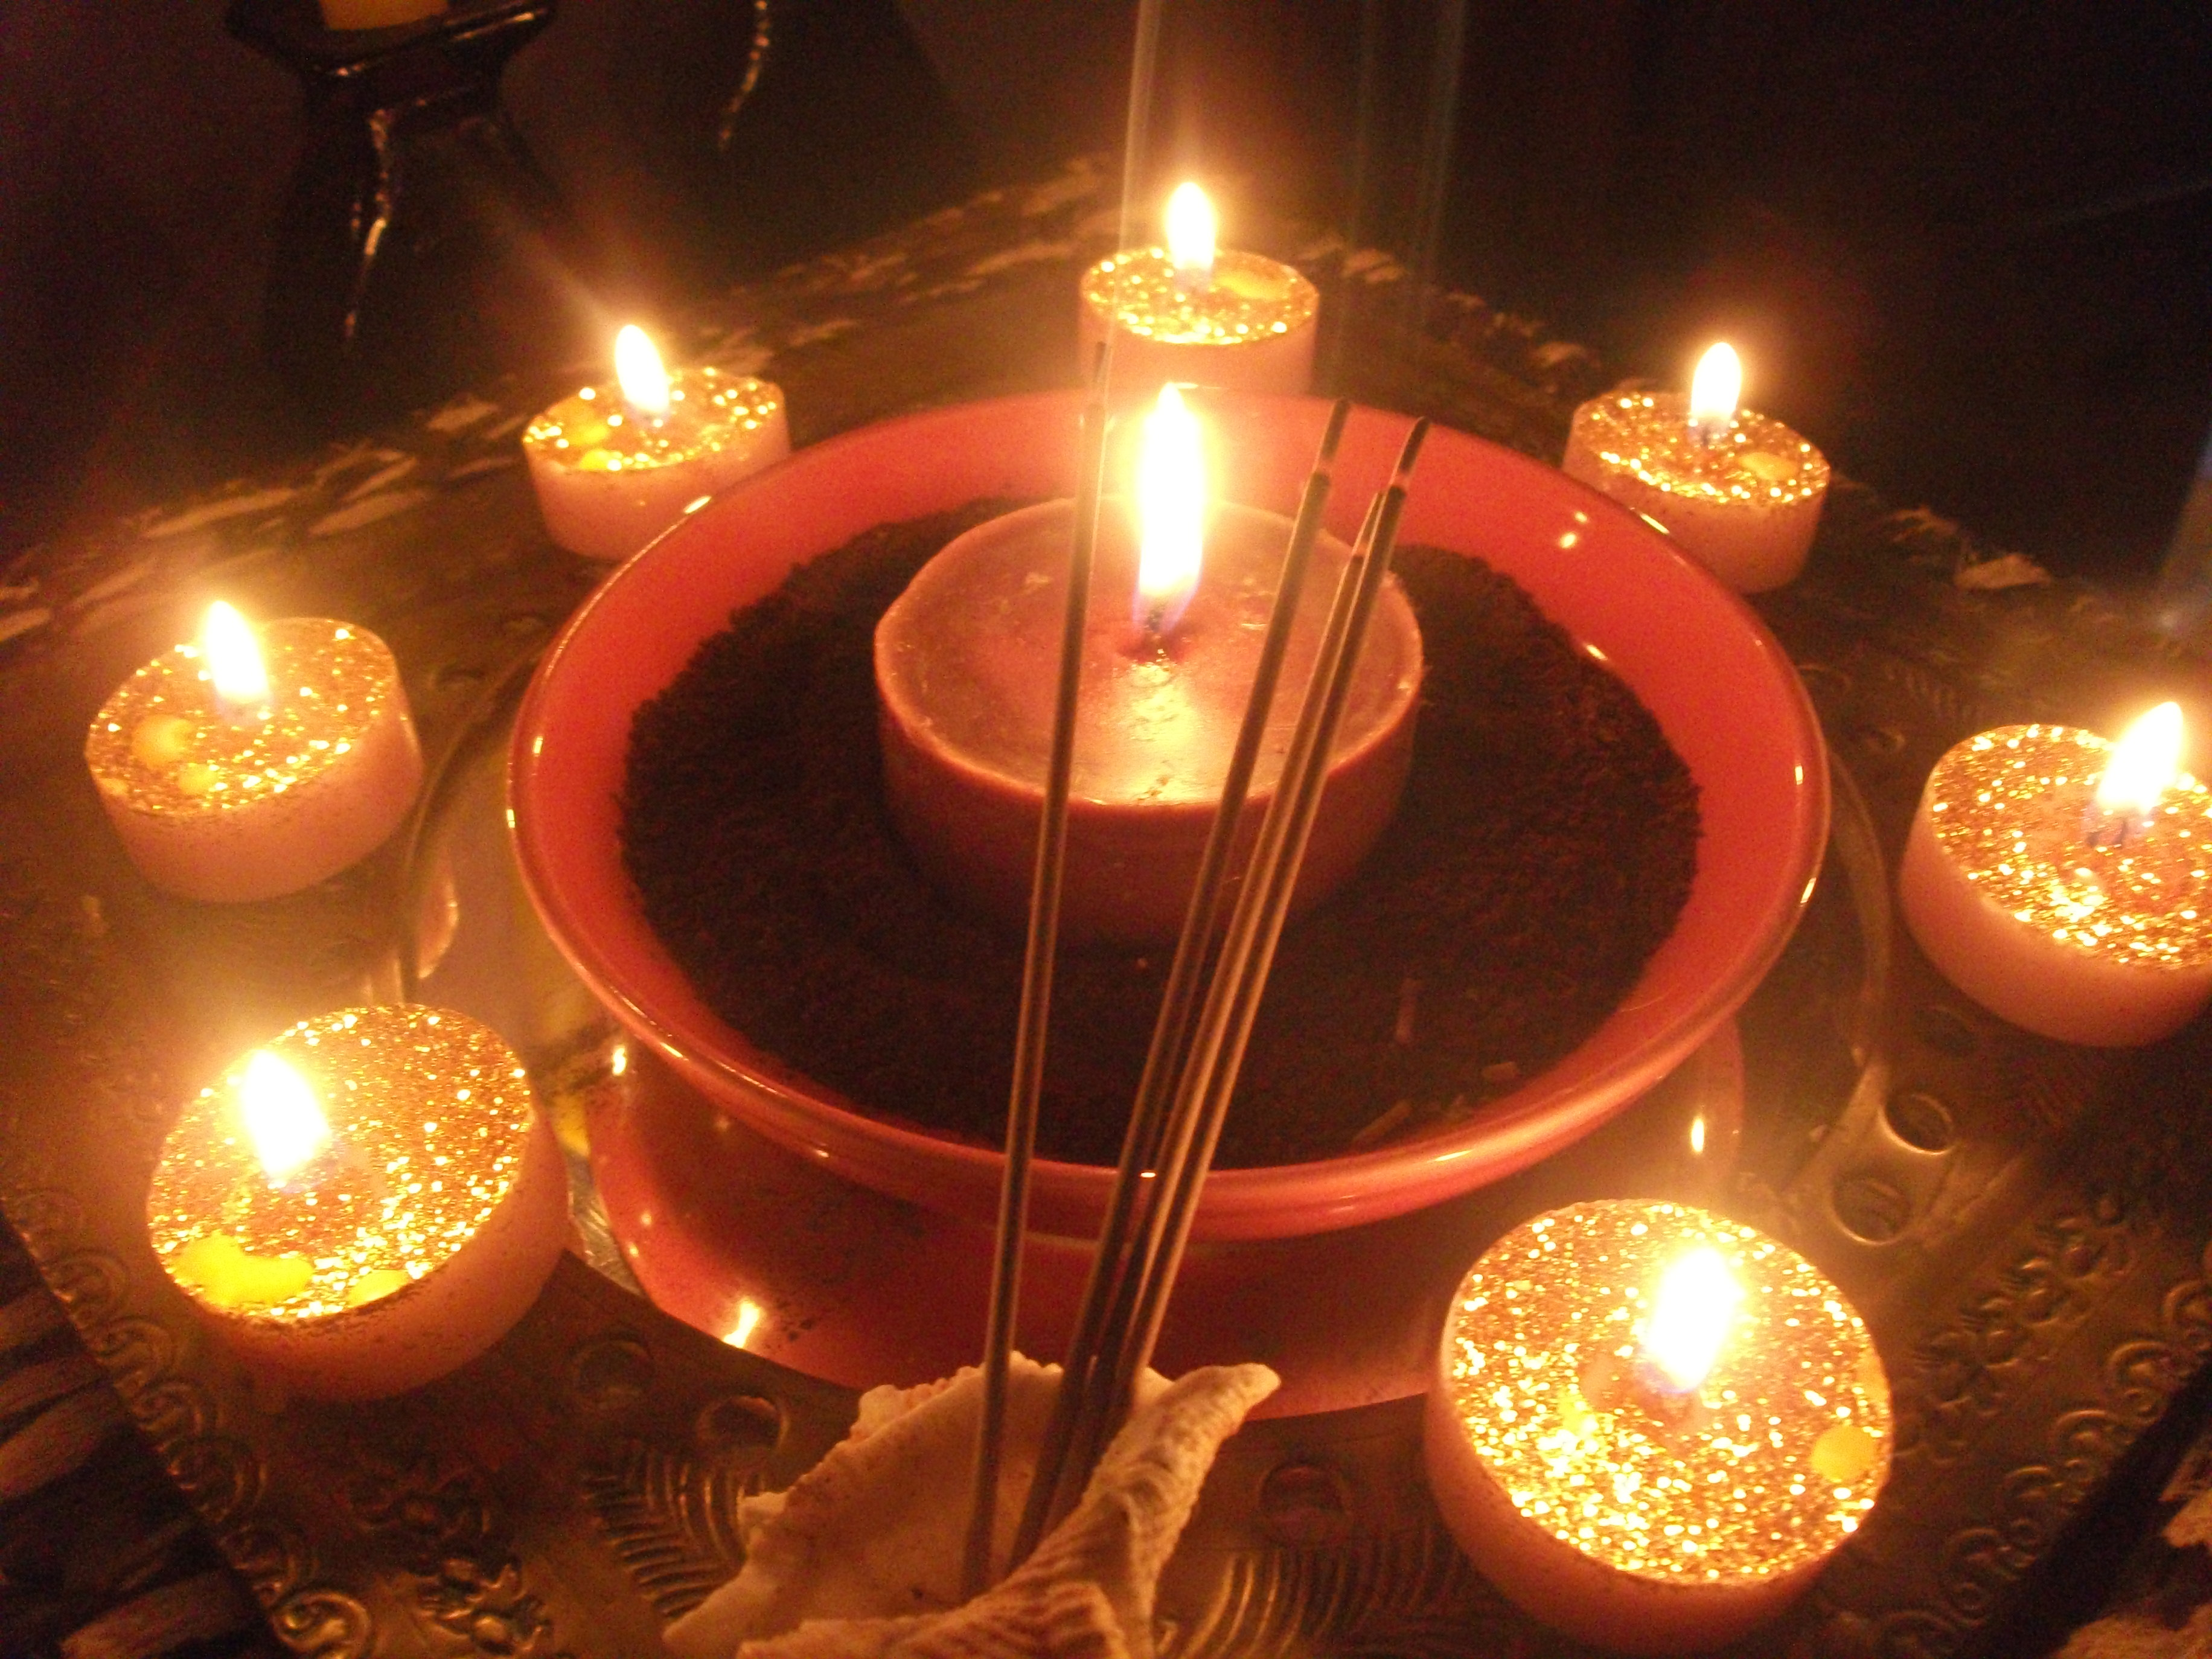 El ritual de halloween para renovar energ as y proyectos for Romero en magia blanca